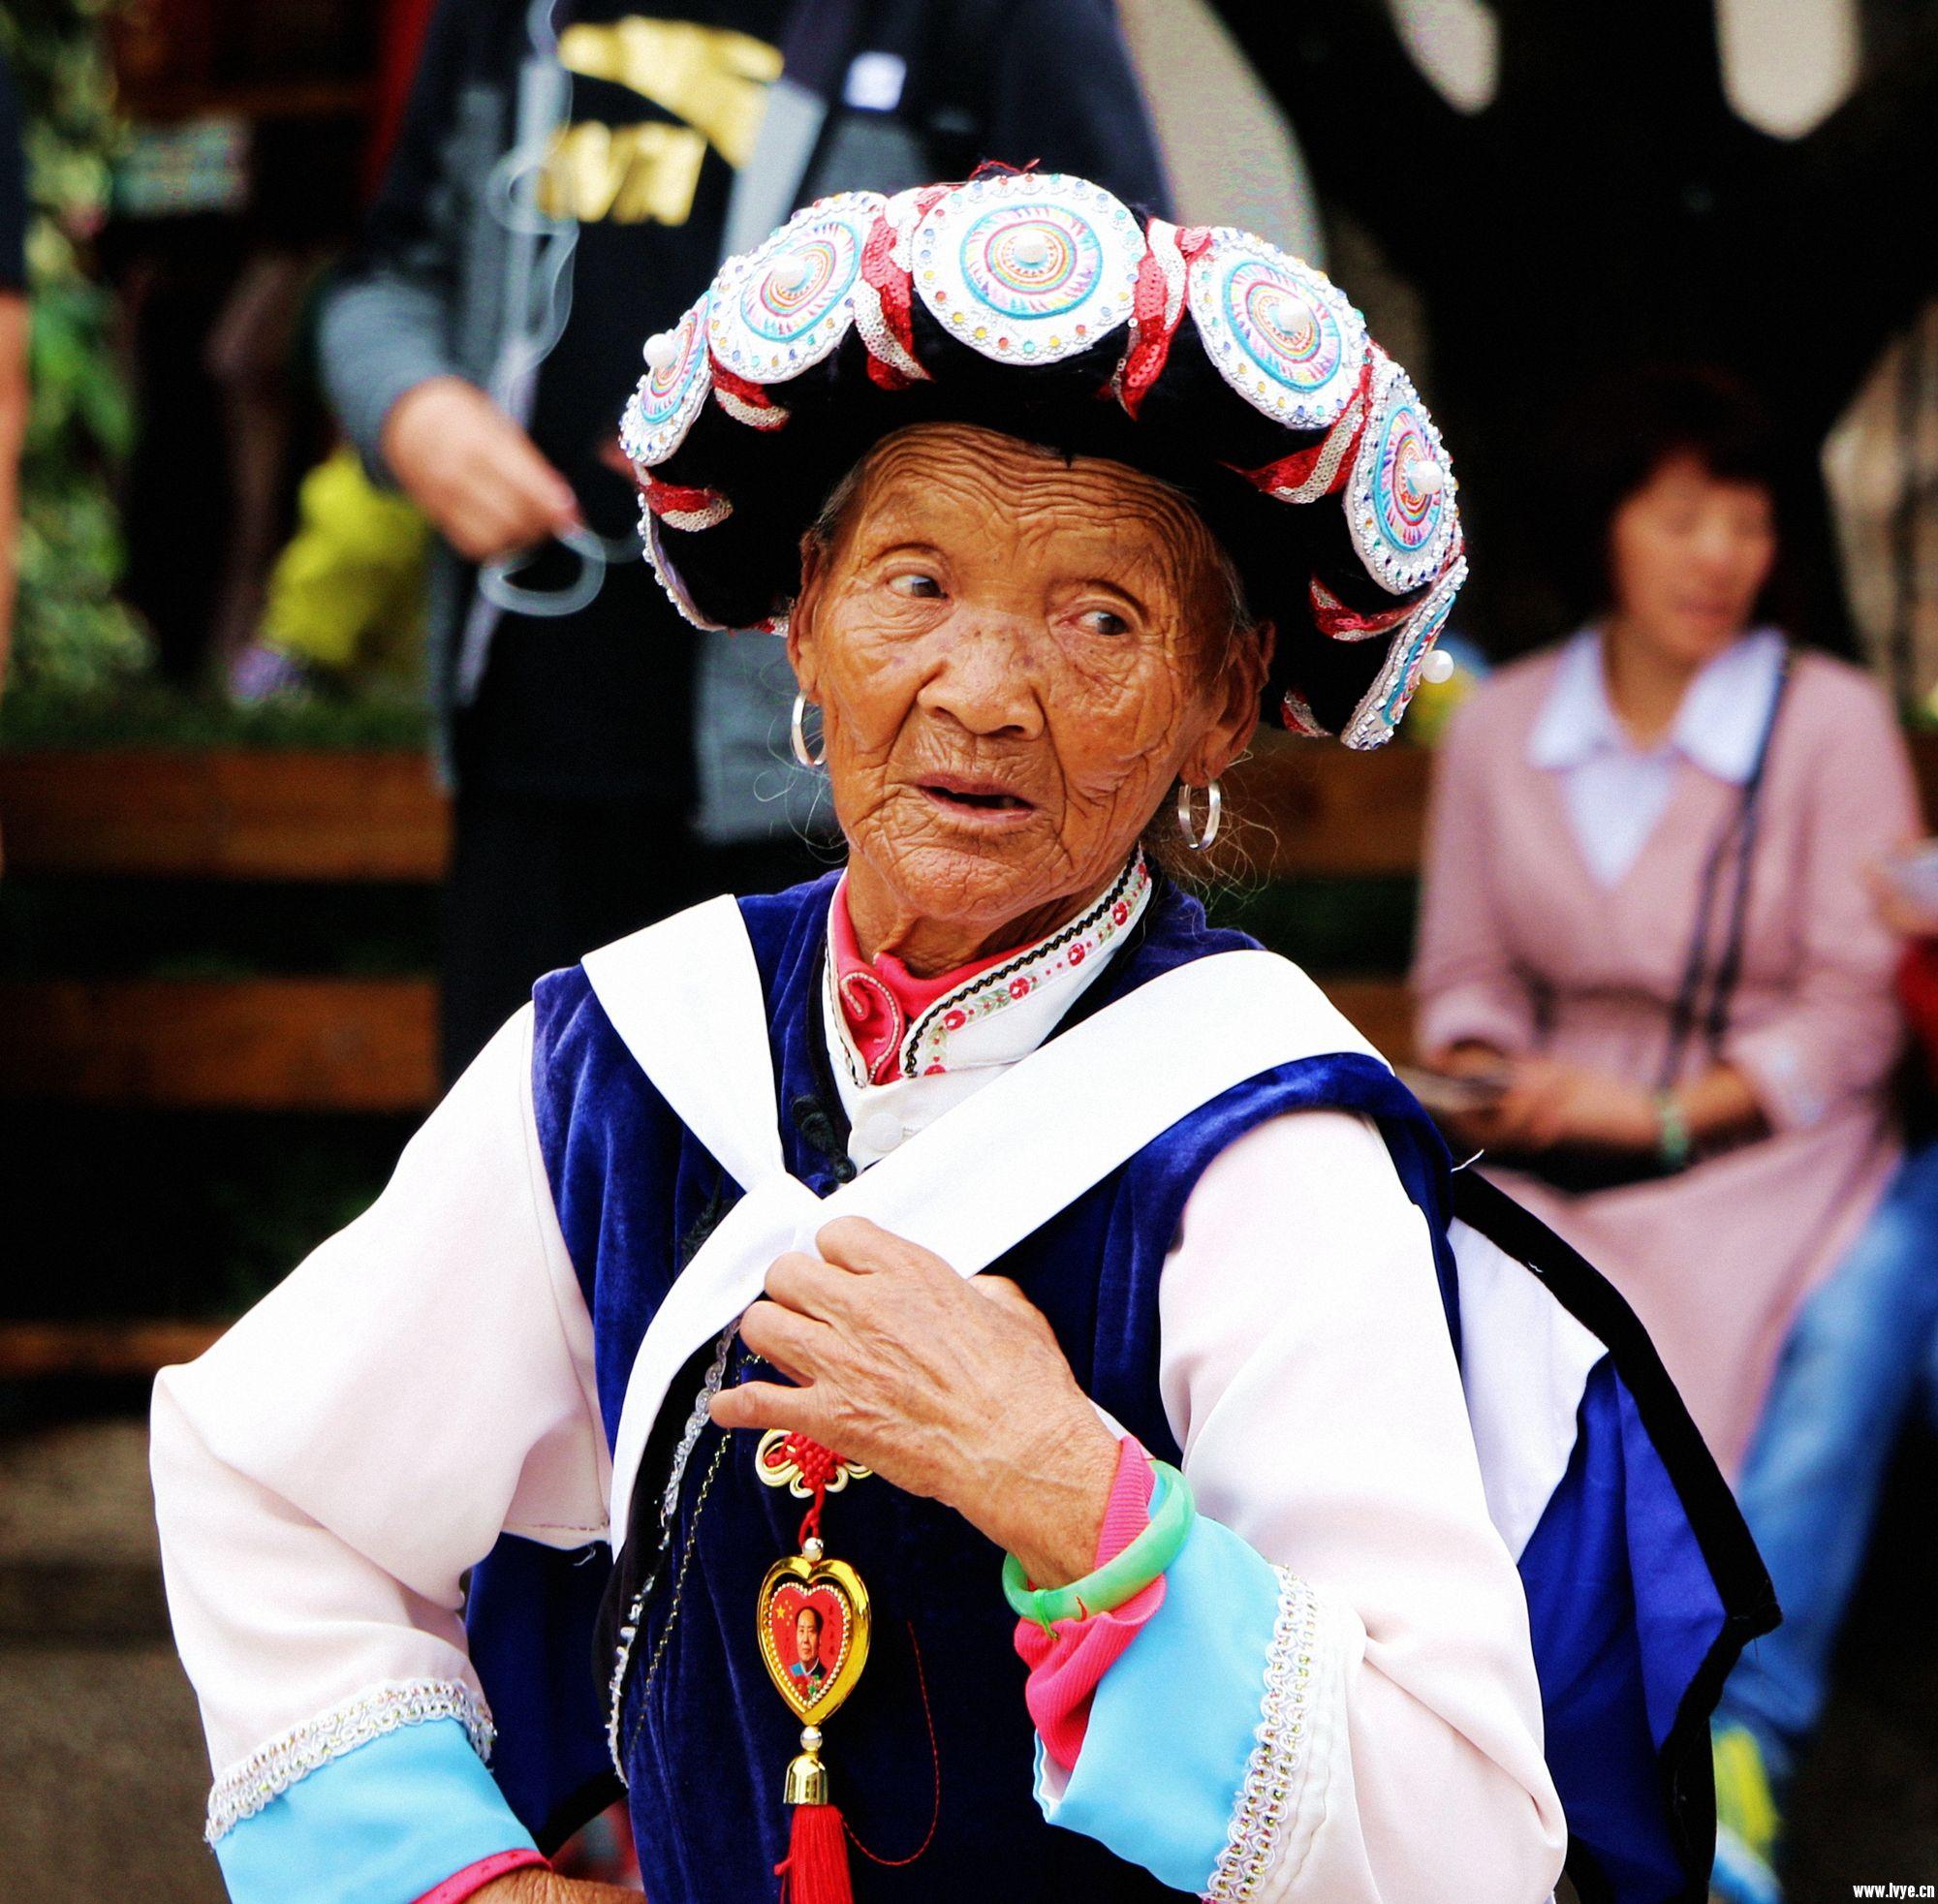 丽江城中唯一的一张照片,我的视线因她而移